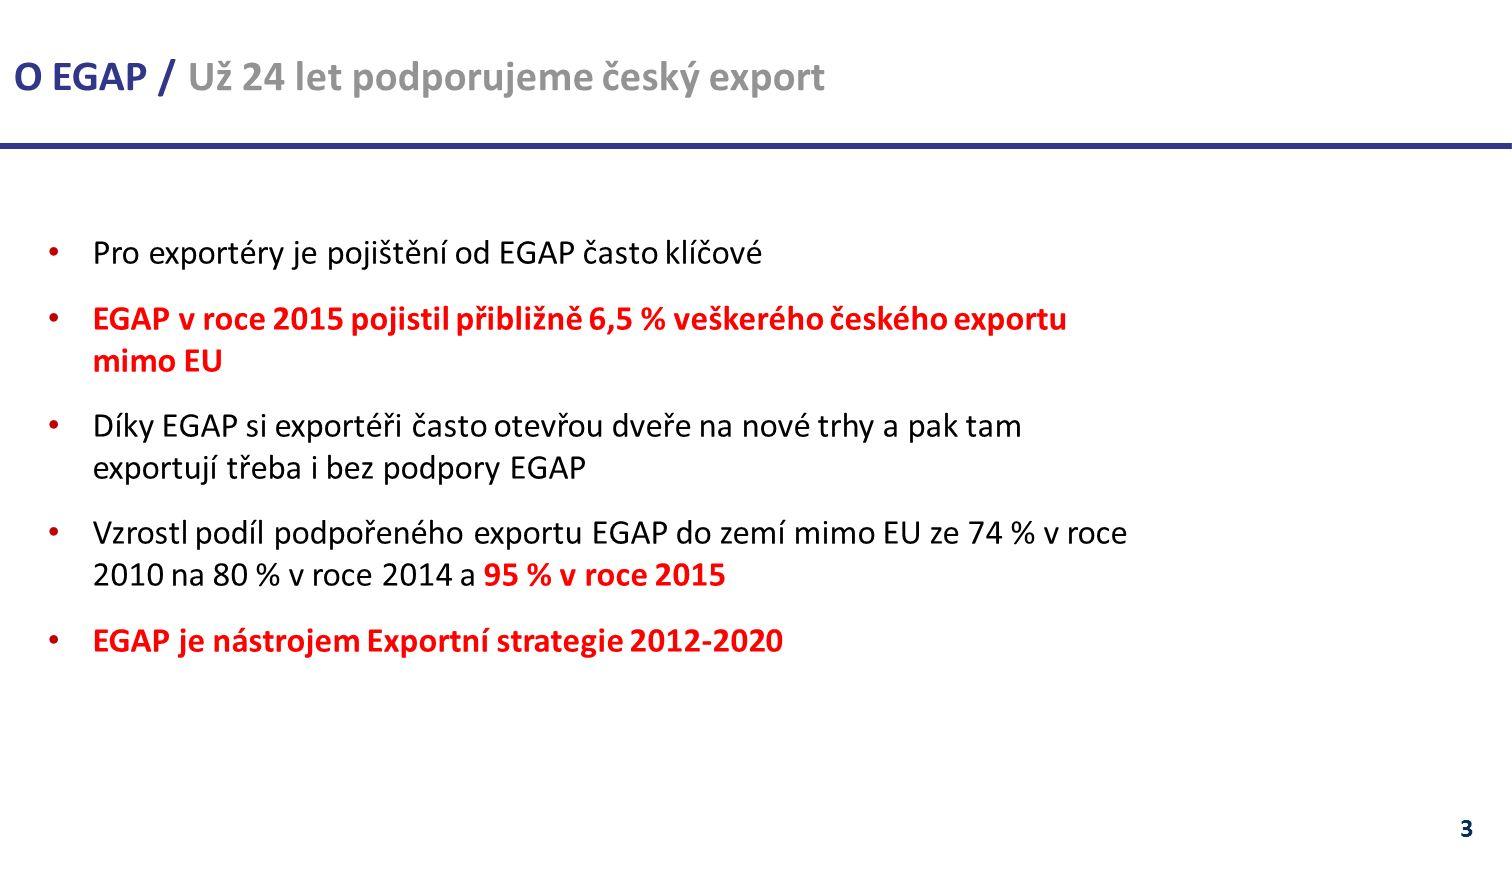 Pro exportéry je pojištění od EGAP často klíčové EGAP v roce 2015 pojistil přibližně 6,5 % veškerého českého exportu mimo EU Díky EGAP si exportéři často otevřou dveře na nové trhy a pak tam exportují třeba i bez podpory EGAP Vzrostl podíl podpořeného exportu EGAP do zemí mimo EU ze 74 % v roce 2010 na 80 % v roce 2014 a 95 % v roce 2015 EGAP je nástrojem Exportní strategie 2012-2020 3 O EGAP / Už 24 let podporujeme český export